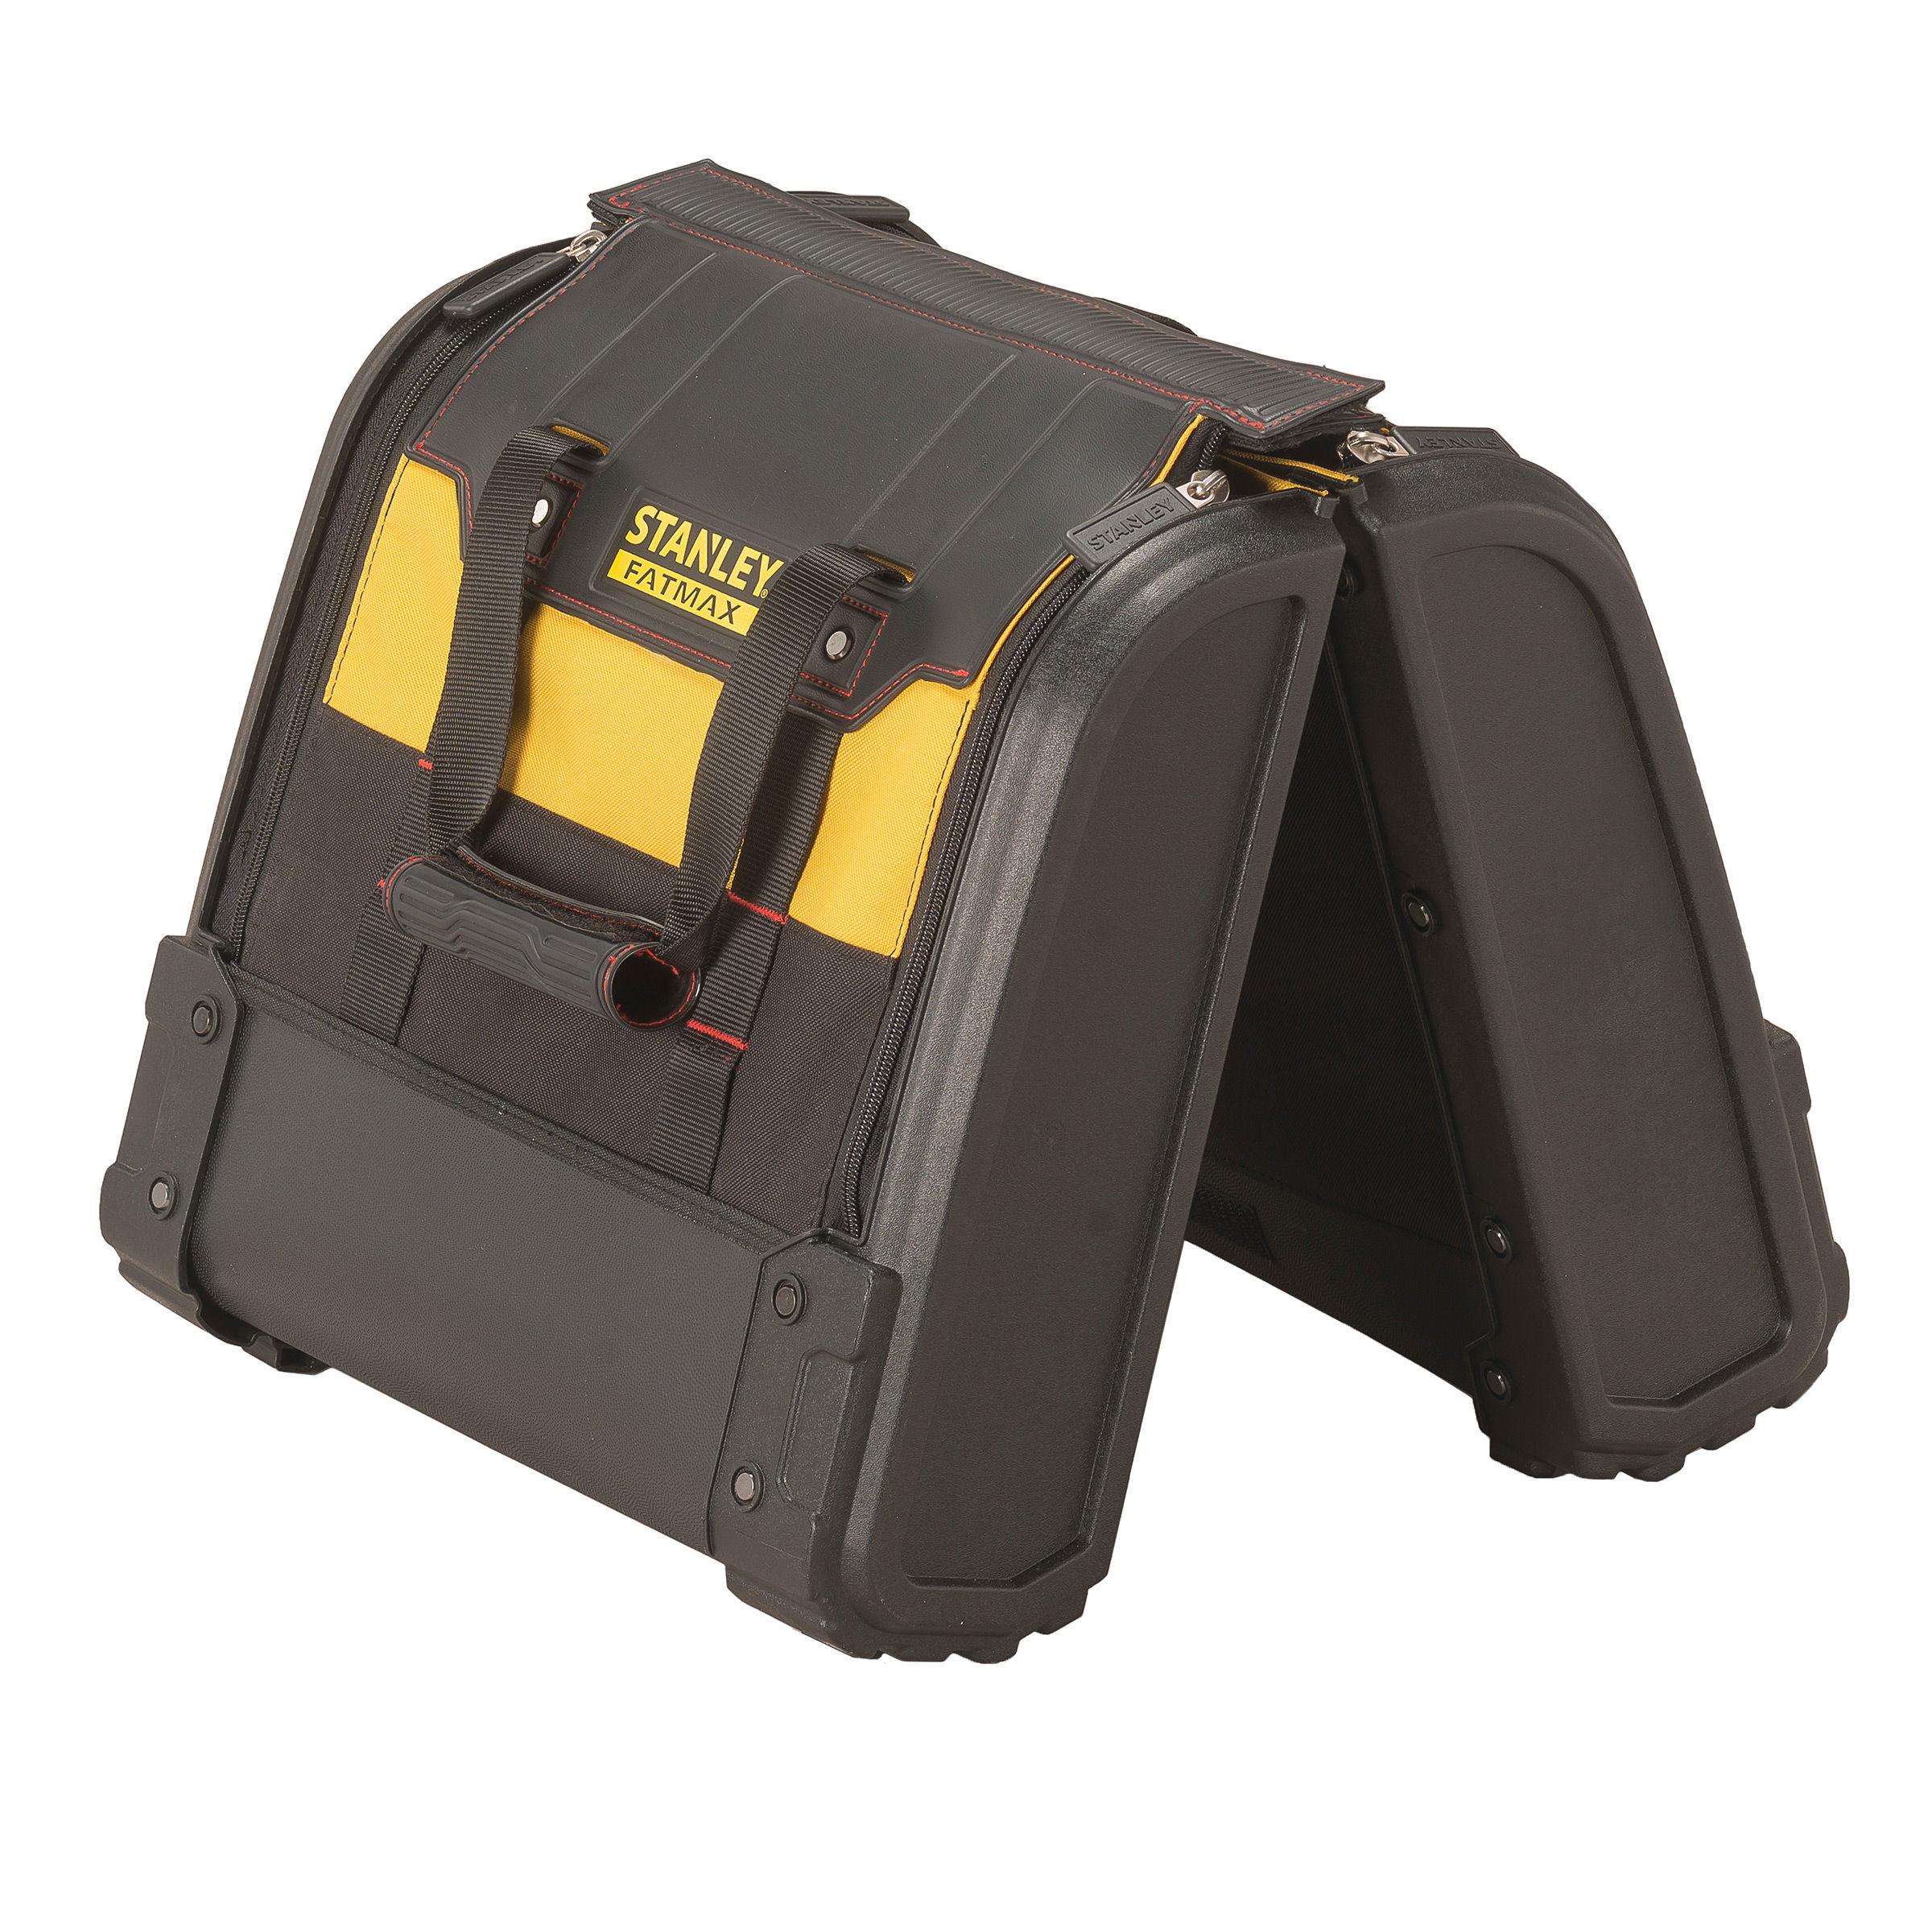 Toolstop Stanley 231 Fatmax Tool 1 Bag 94 Organiser Lq354AjRcS